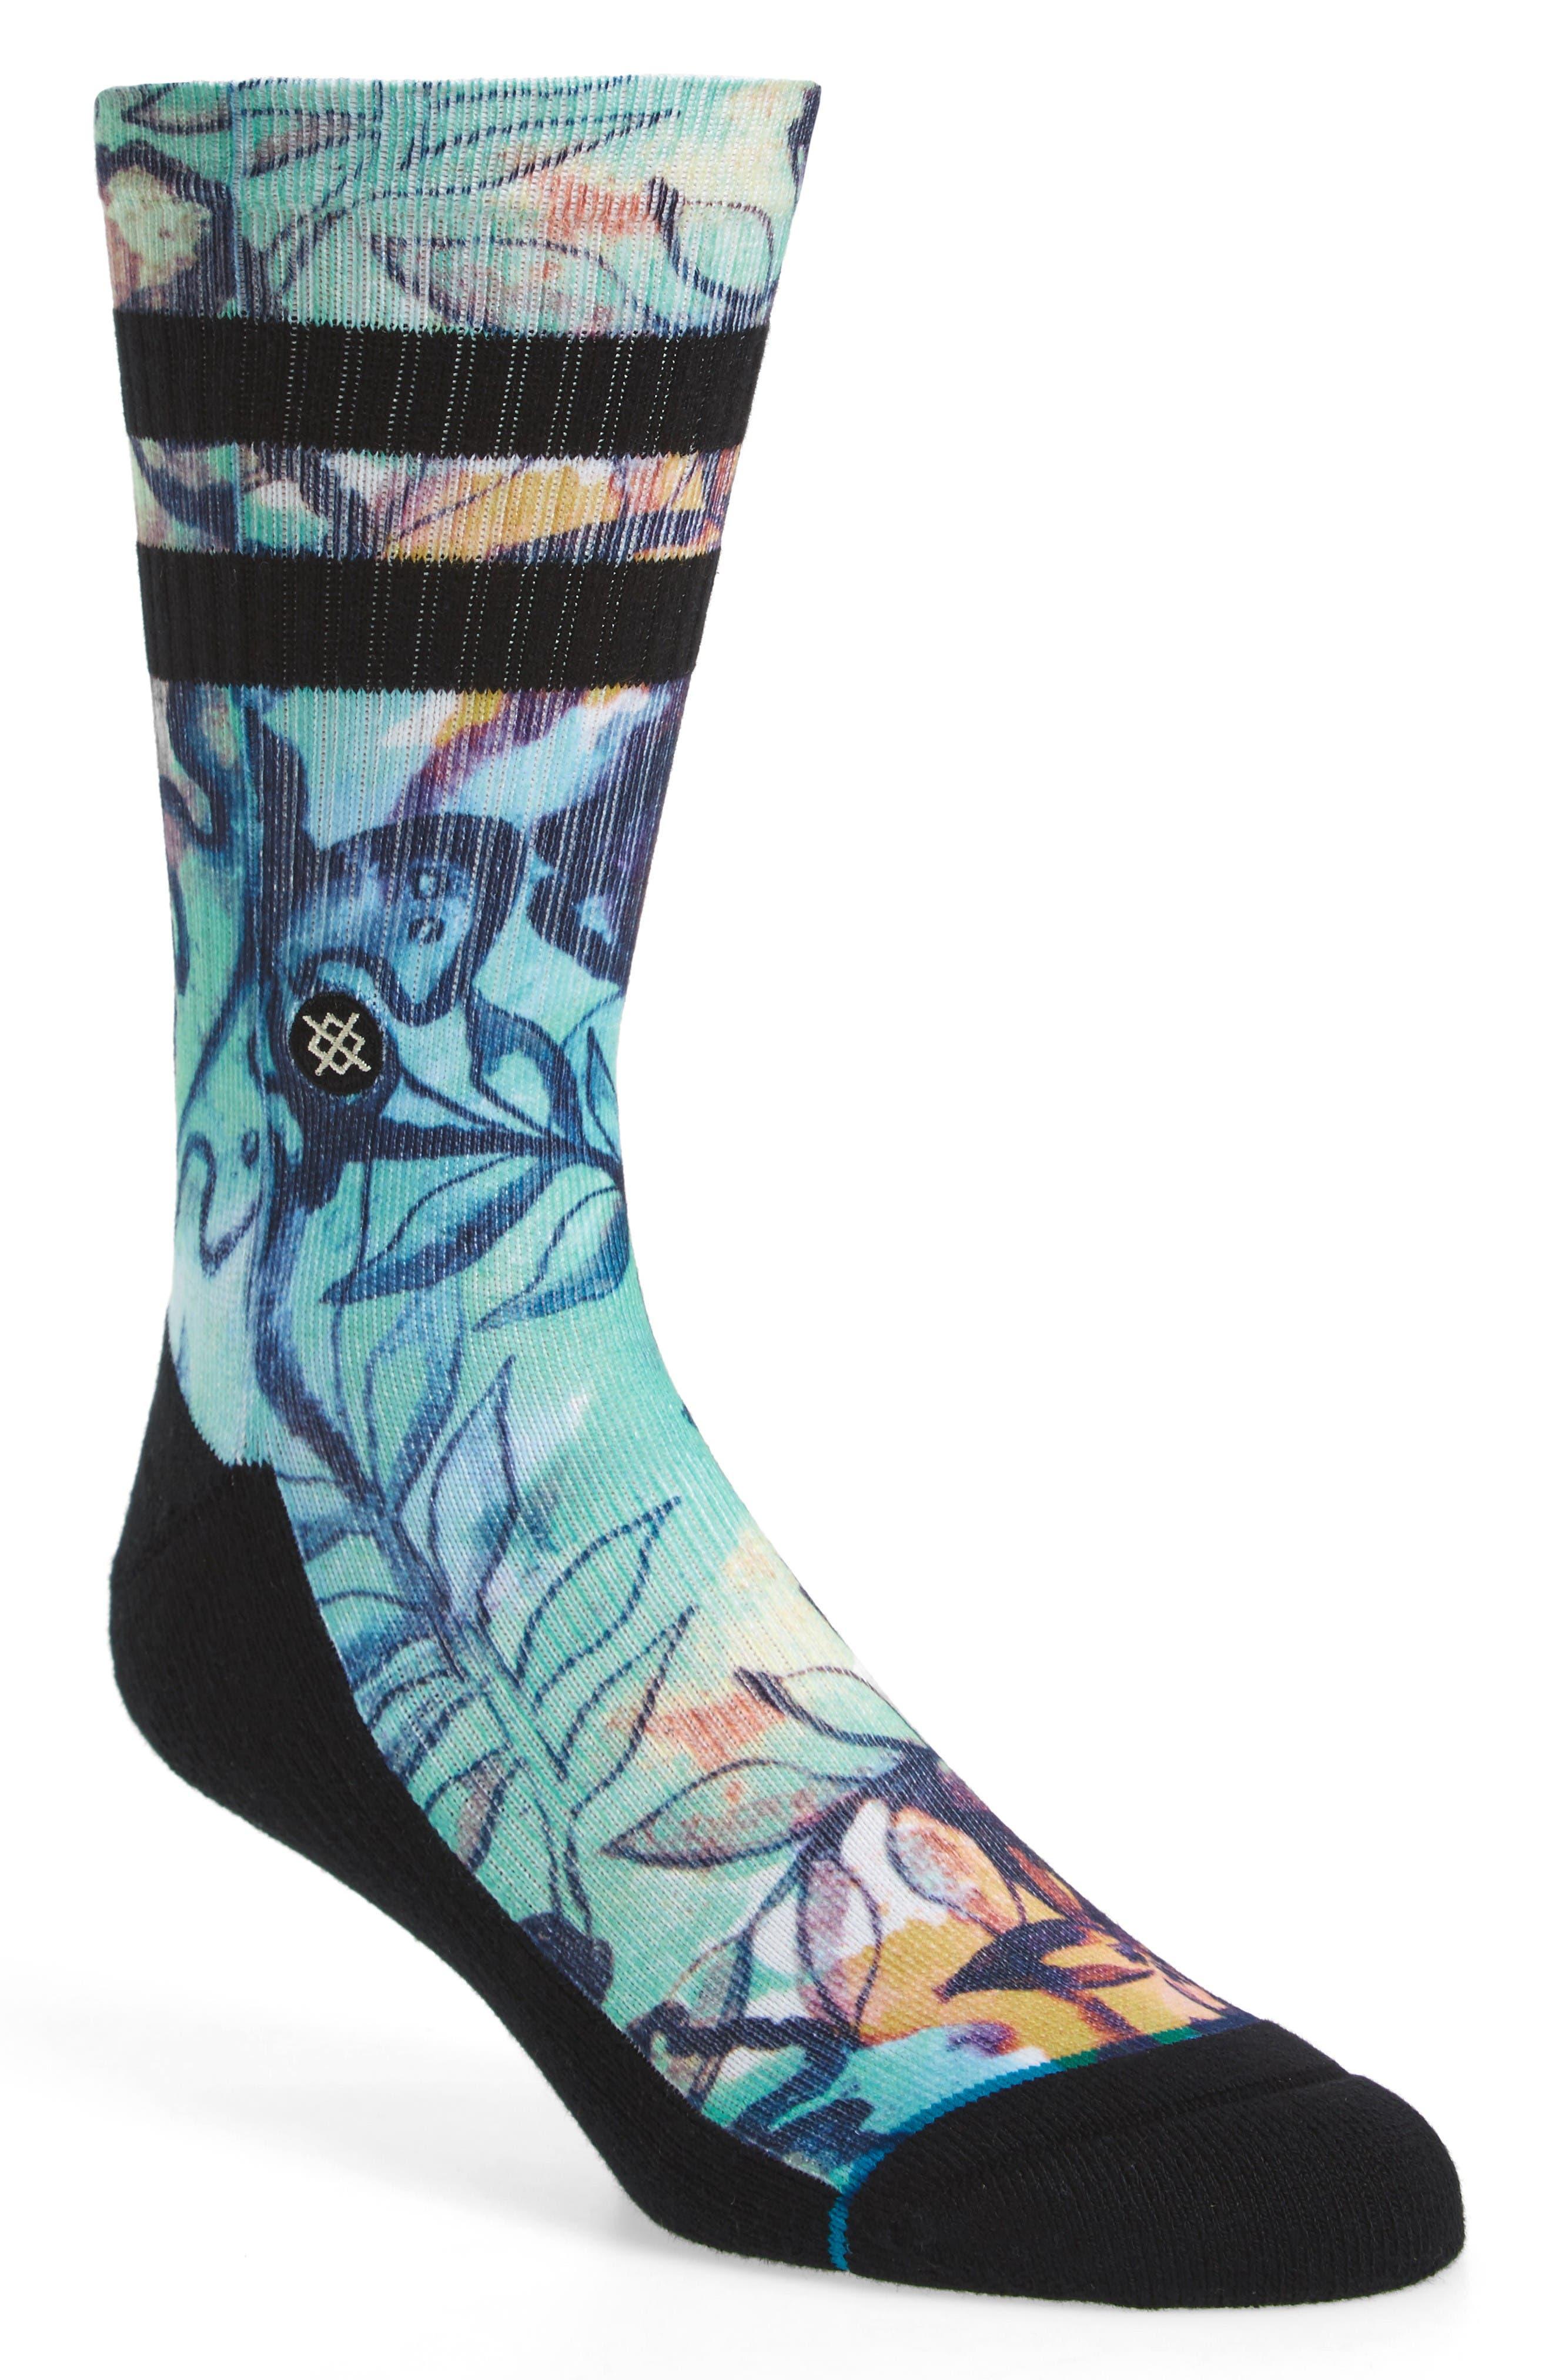 Alternate Image 1 Selected - Stance Durangoh Socks